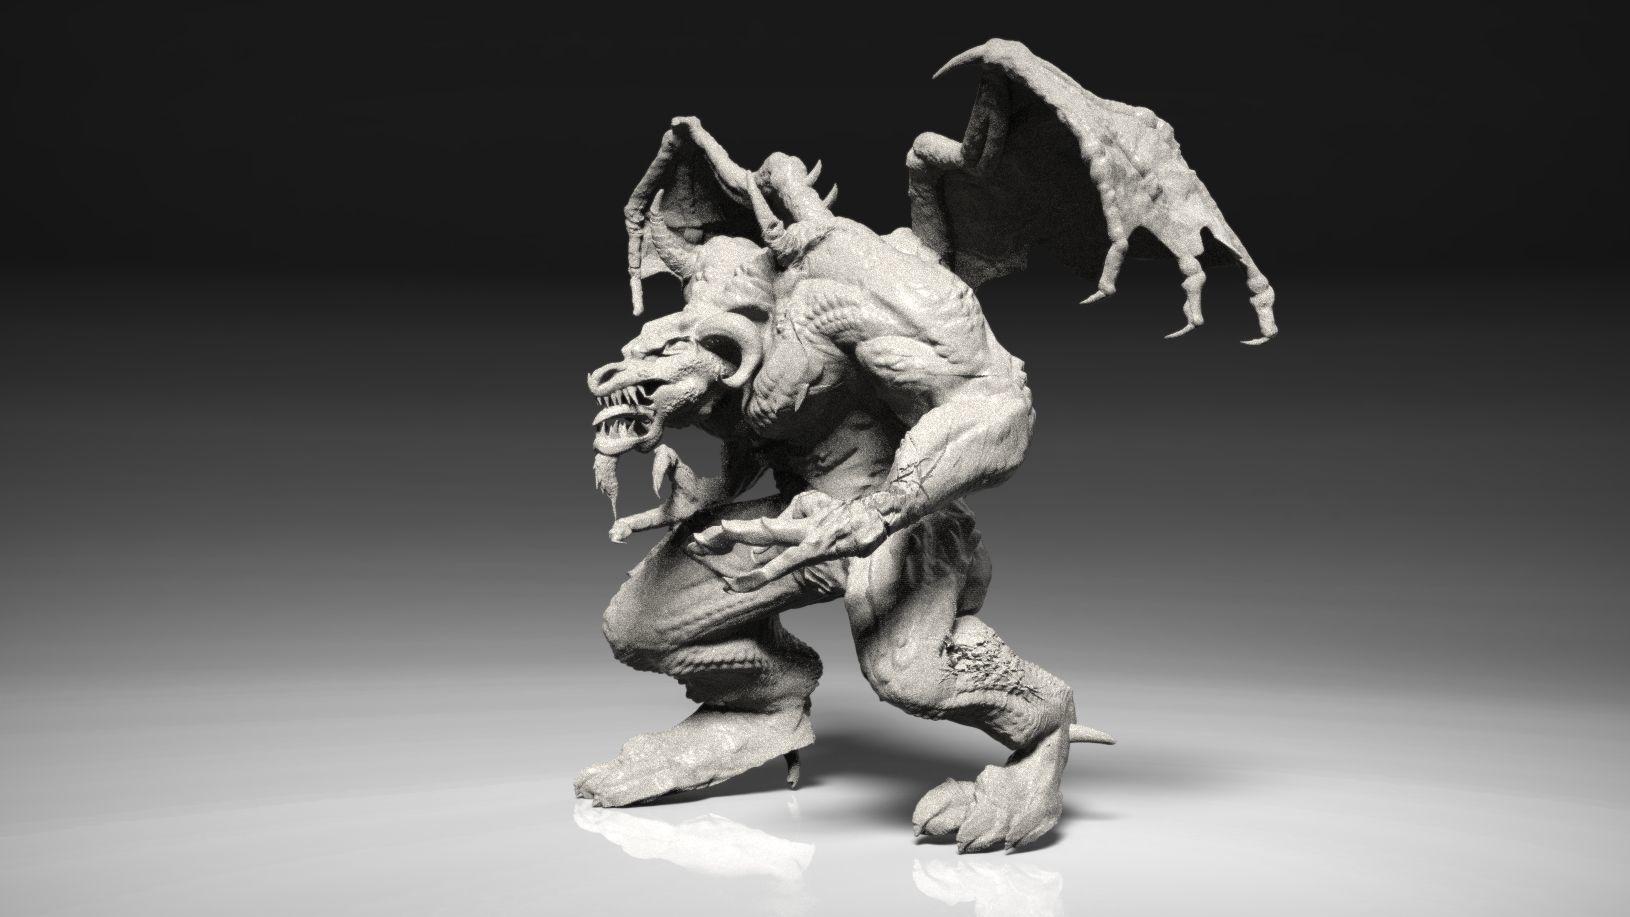 Warhammer 40k Age of Sigmar Pit Ogre miniature | 3D Print Model